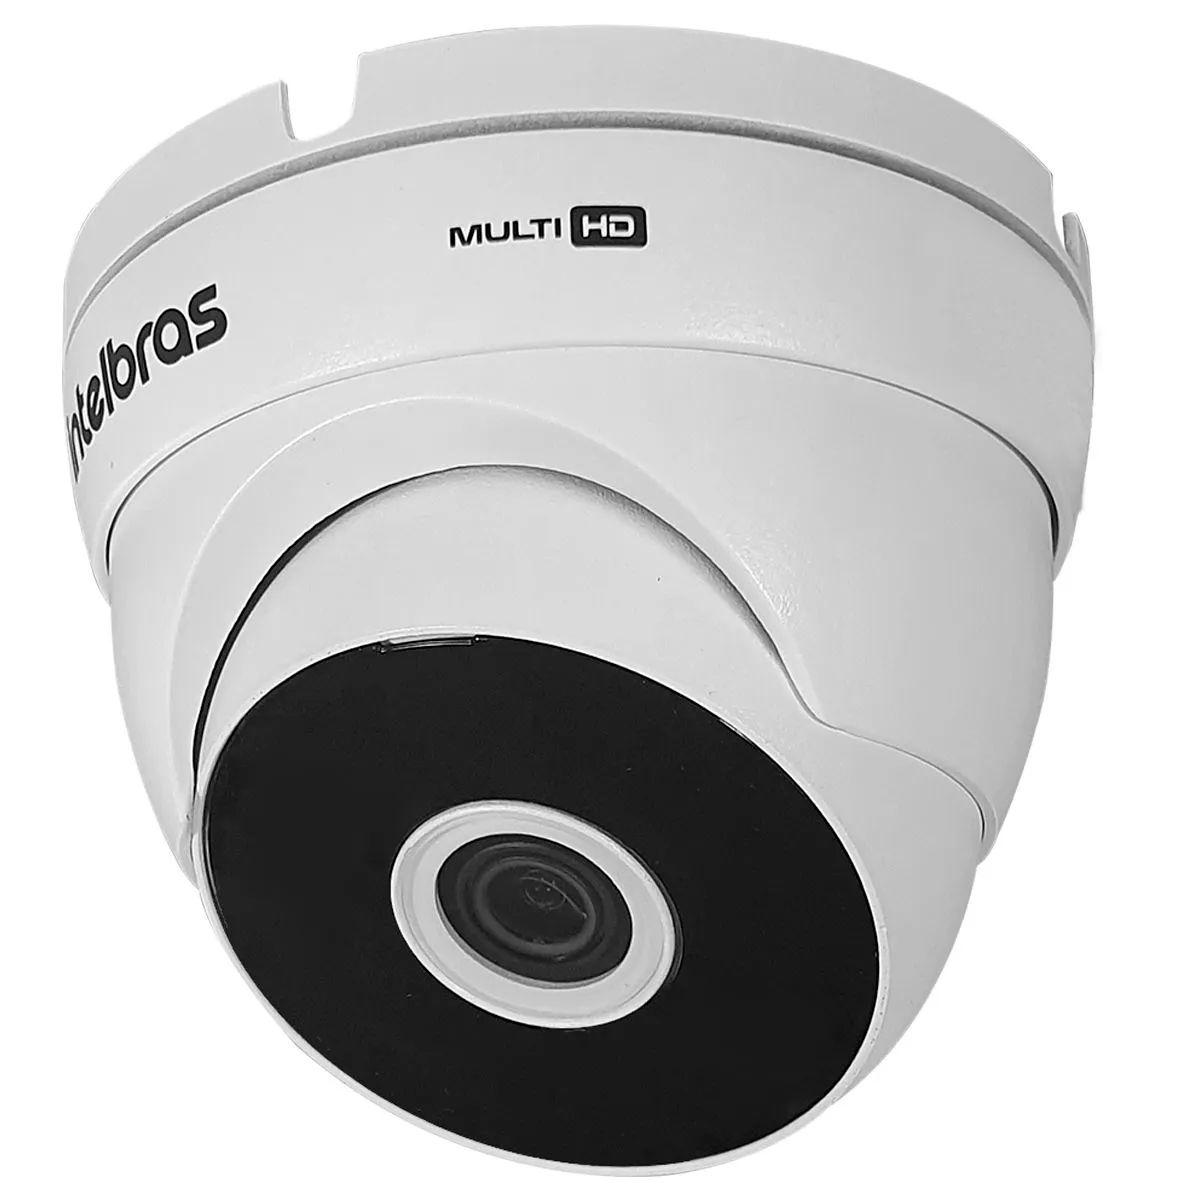 Kit 16 Câmeras VHD 3220 D G5 + DVR Intelbras + App Grátis de Monitoramento, Câmeras Full HD 1080p 20m Infravermelho de Visão Noturna Intelbras + Fonte, Cabos e Acessórios  - Tudo Forte